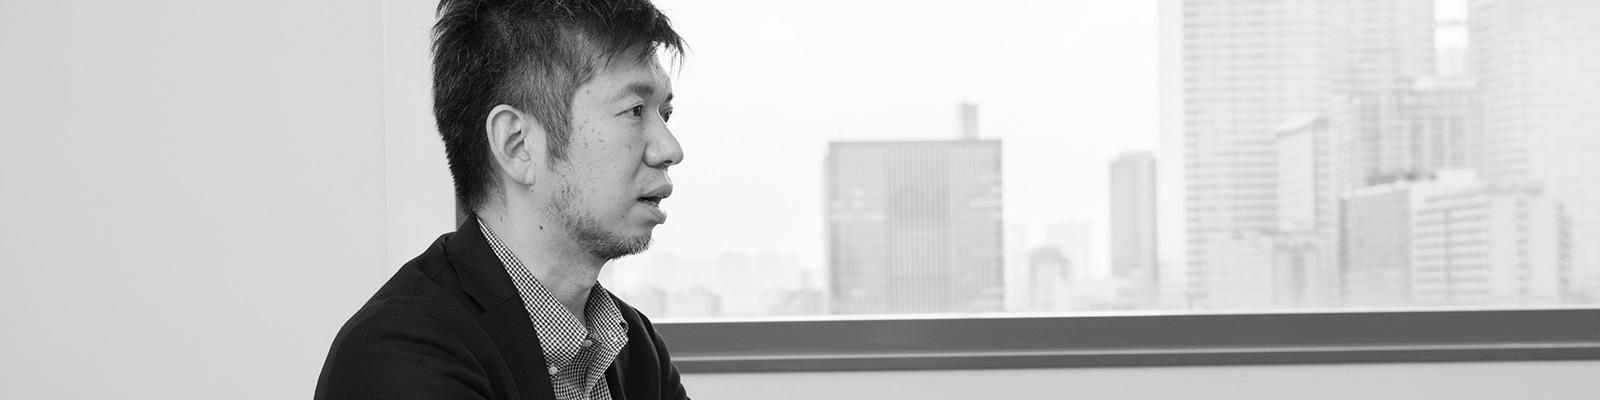 ユニアデックス株式会社 エクセレントサービス創生本部 プロダクト&サービス部 IoTビジネス開発室長 山平哲也氏